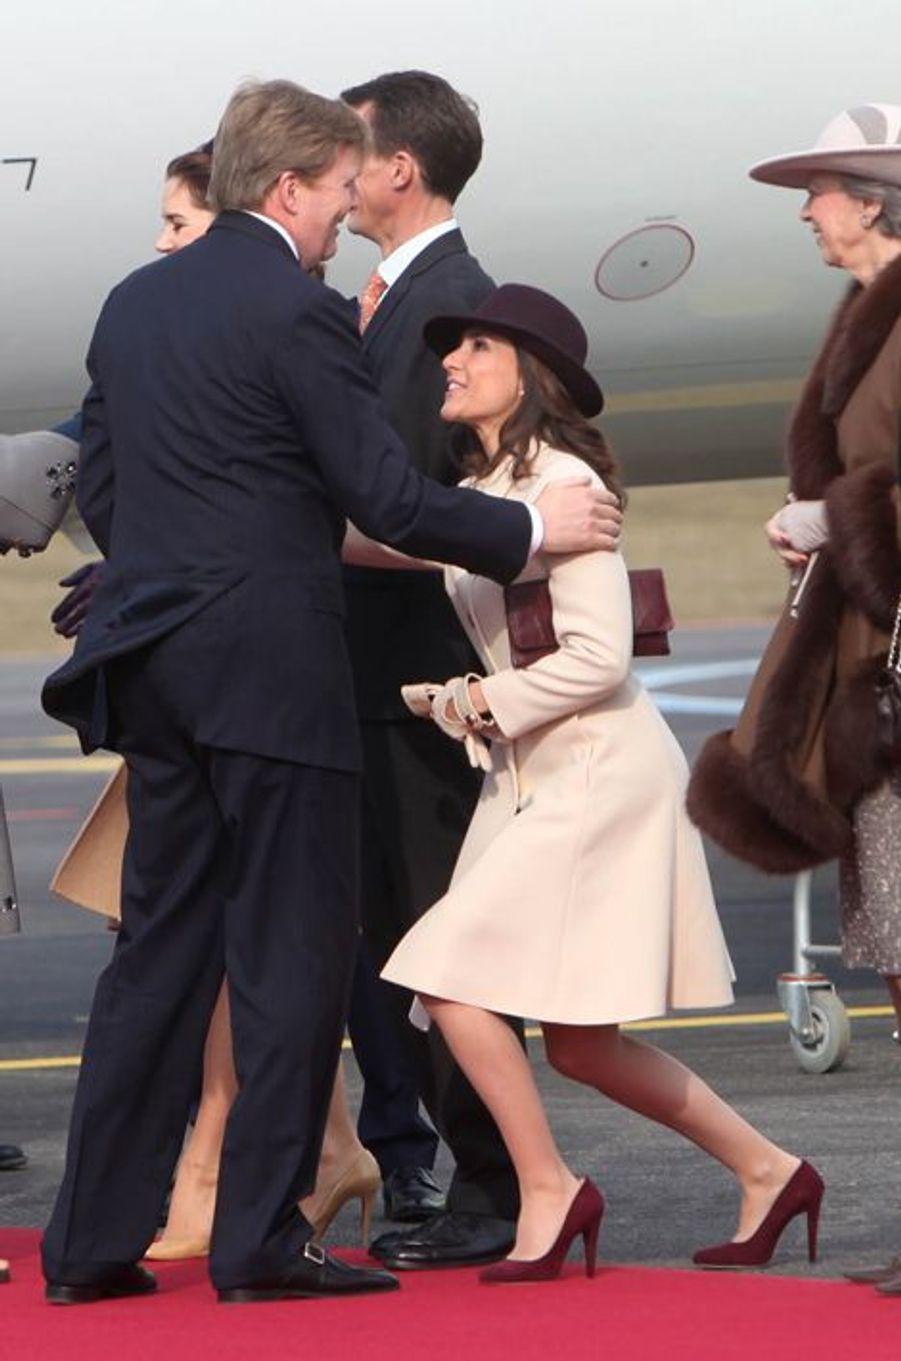 Le roi Willem-Alexander des Pays-Bas avec la princesse Marie de Danemark à l'aéroport de Copenhague, le 17 mars 2015